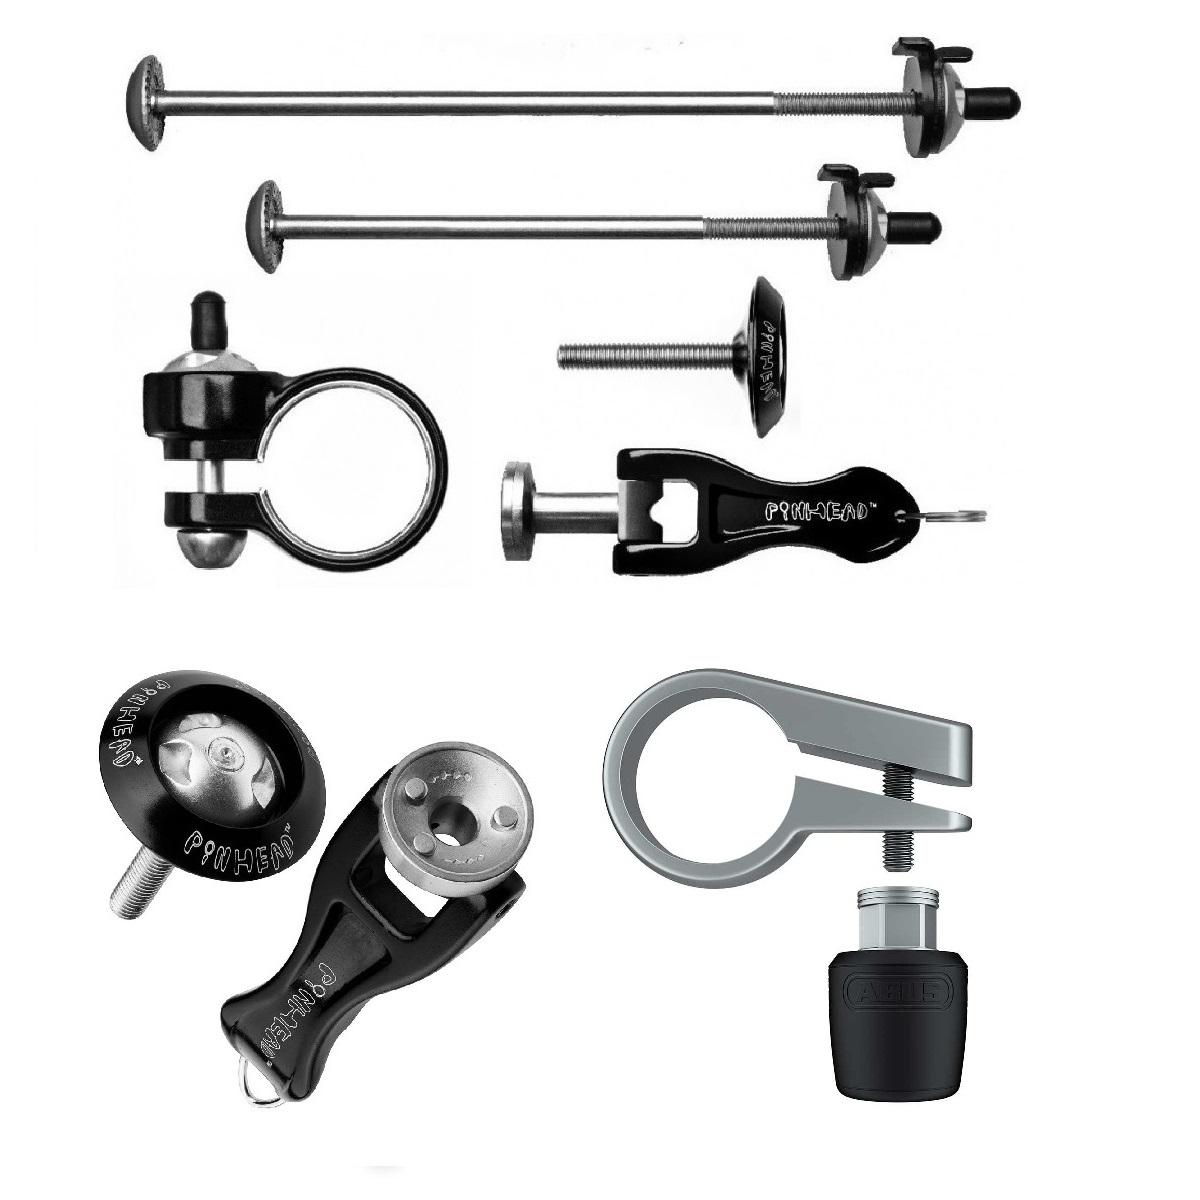 Wheel locks/Seat locks